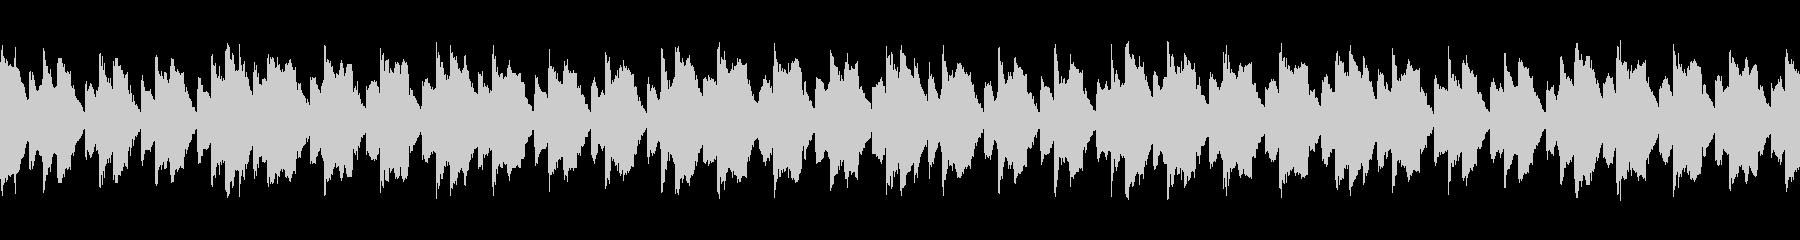 ホラーゲームなどのタイトル画面に合う曲の未再生の波形